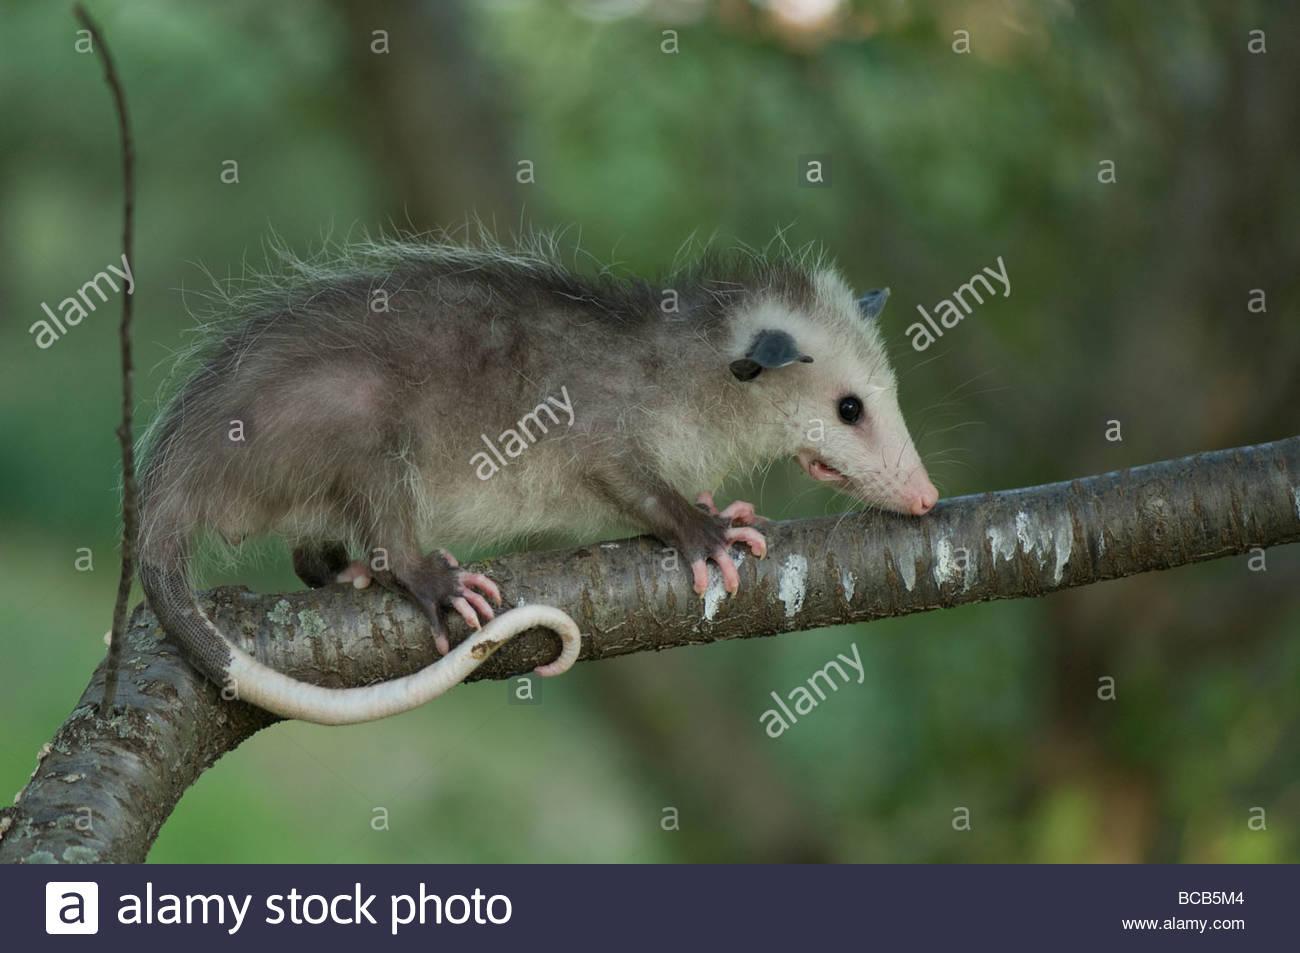 Opossum Kansas A baby opossum  Didelphis